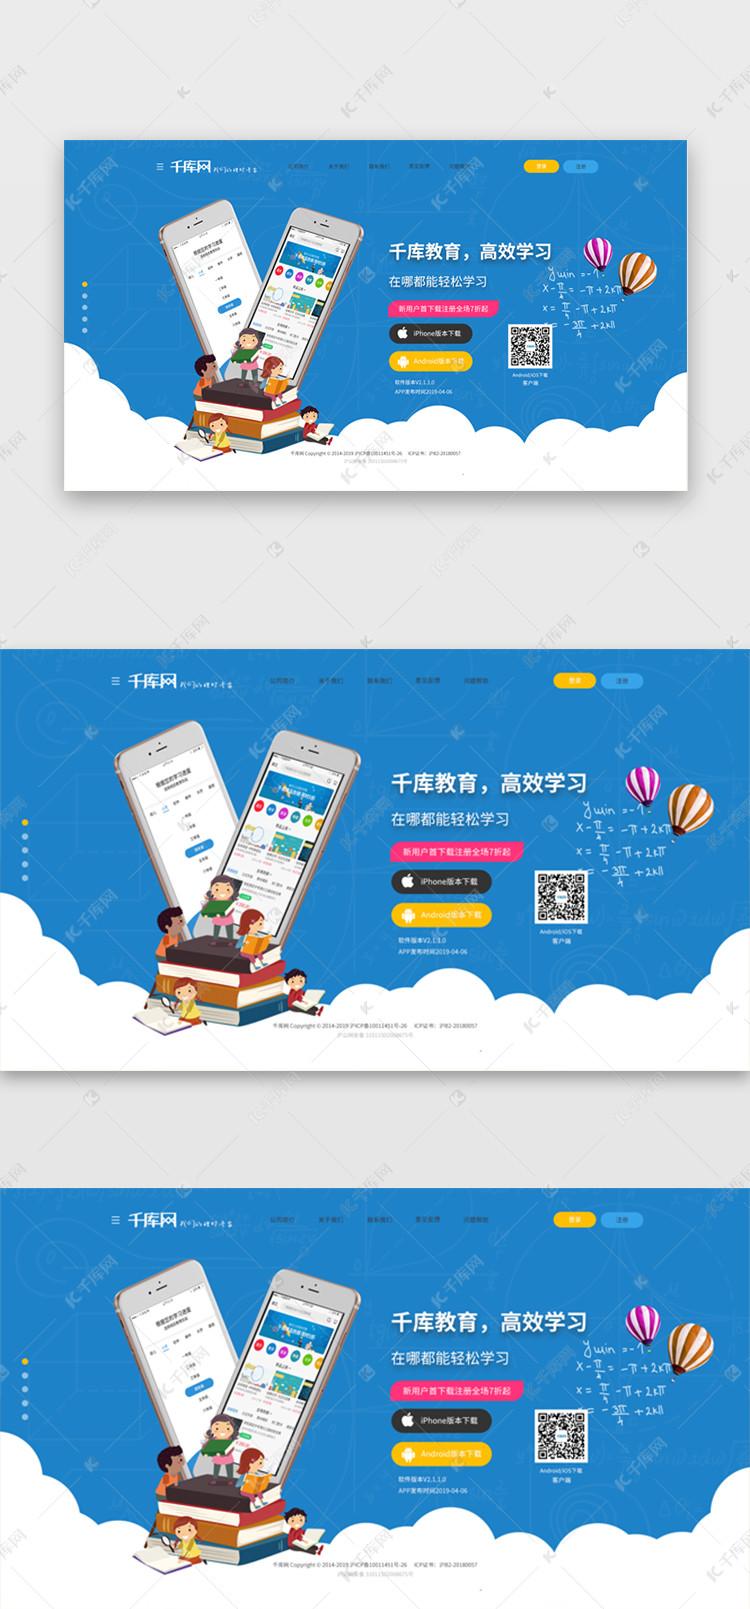 界面系蓝色软件下载房屋ui页面设计素材米长15宽米5网站v界面图片